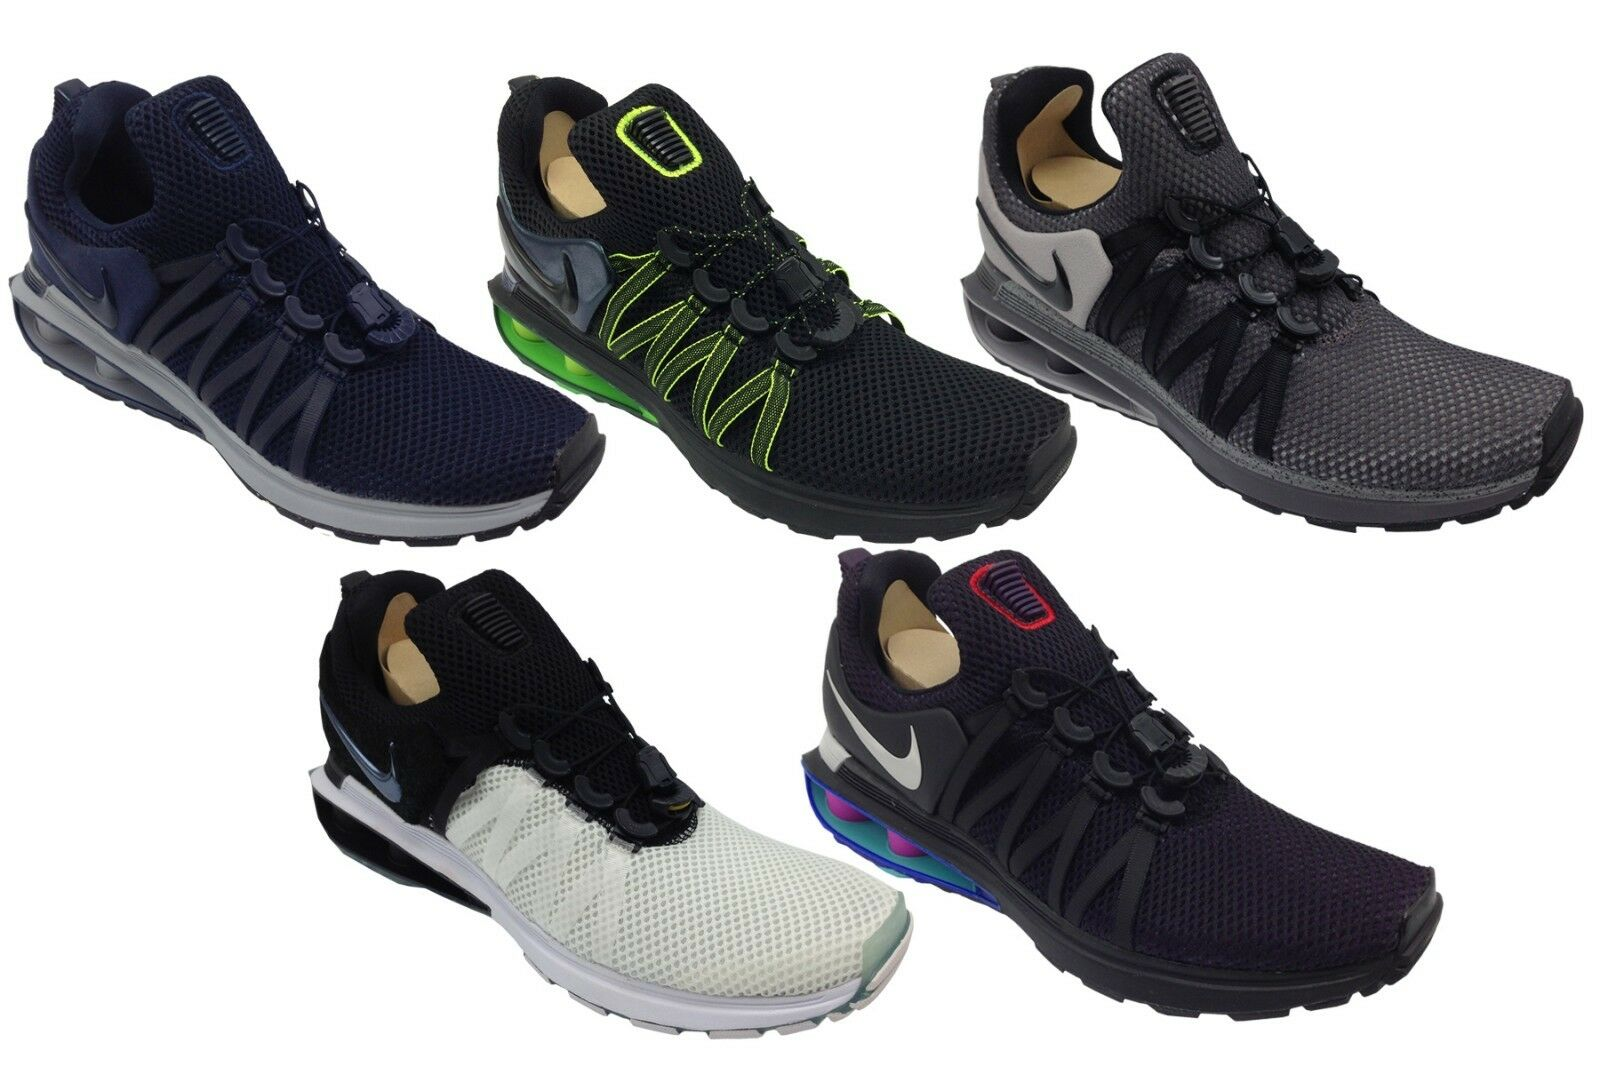 Nike Uomo shox gravita 'le scarpe da corsa ar1999 molteplici dimensioni e colori nuovi